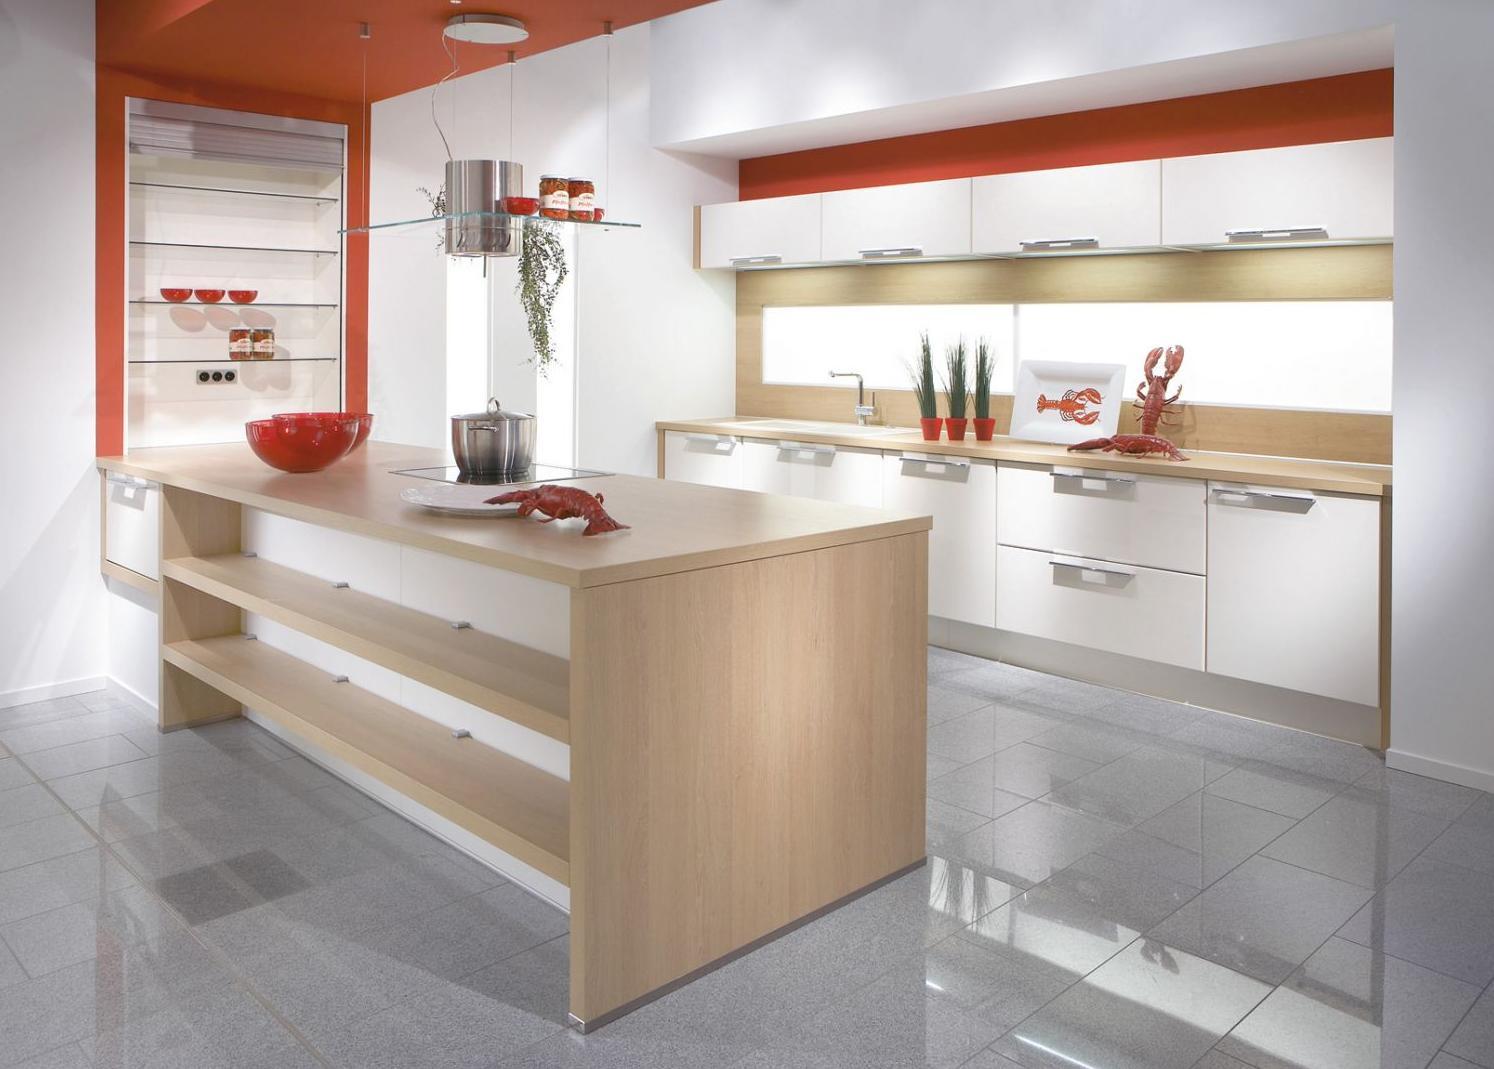 Fabrica De Cocinas Madrid. Trendy Perfect Trendy Fabricas De Cocinas ...